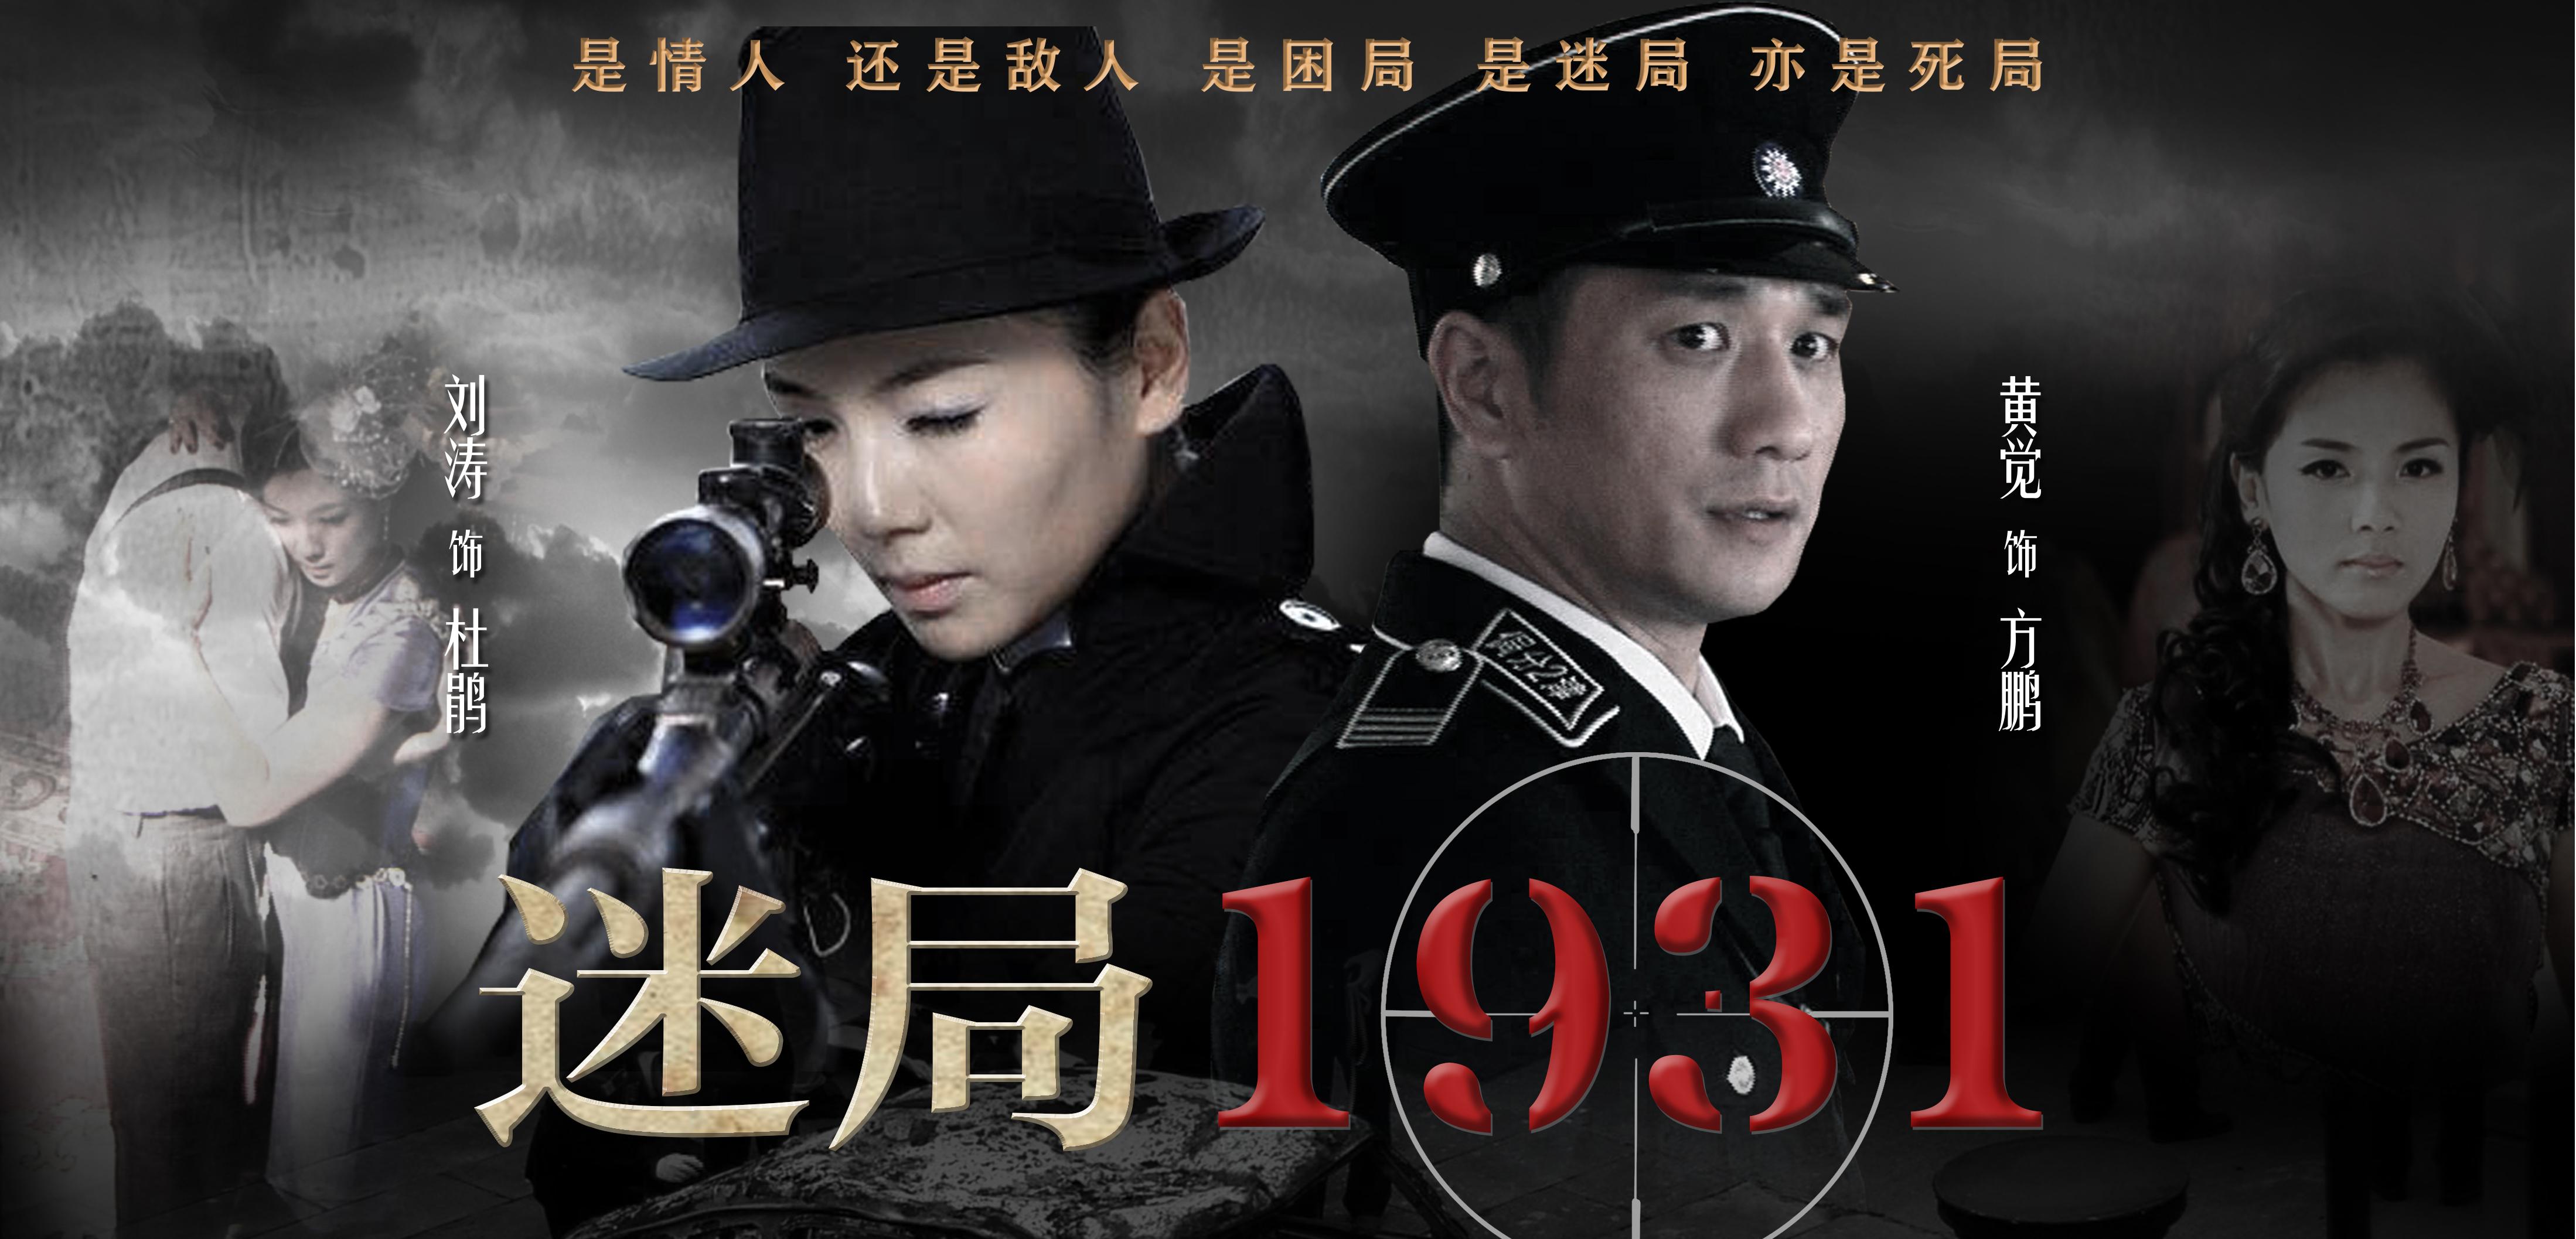 《迷局1931》刘涛领衔湖北开播 颠覆形象无间游走